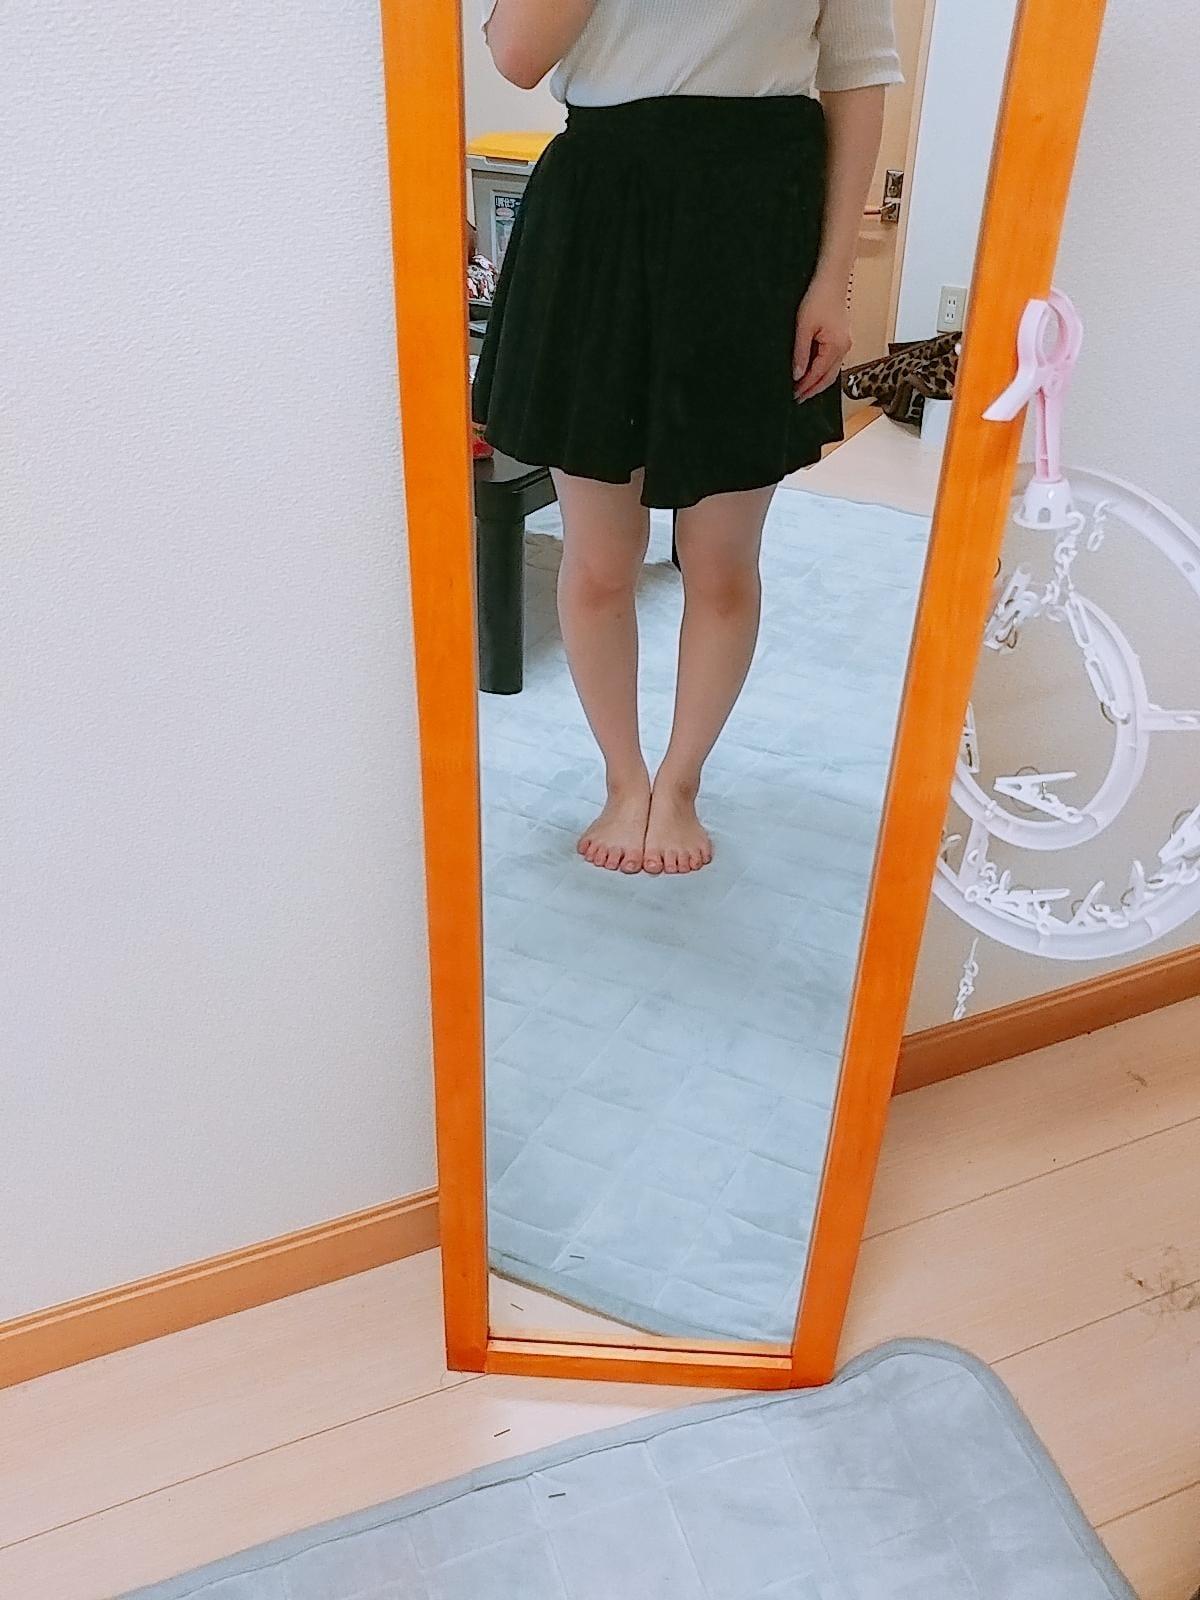 かれん~☆色白♪胸が綺麗!「待機してまーす!」05/27(日) 18:33 | かれん~☆色白♪胸が綺麗!の写メ・風俗動画